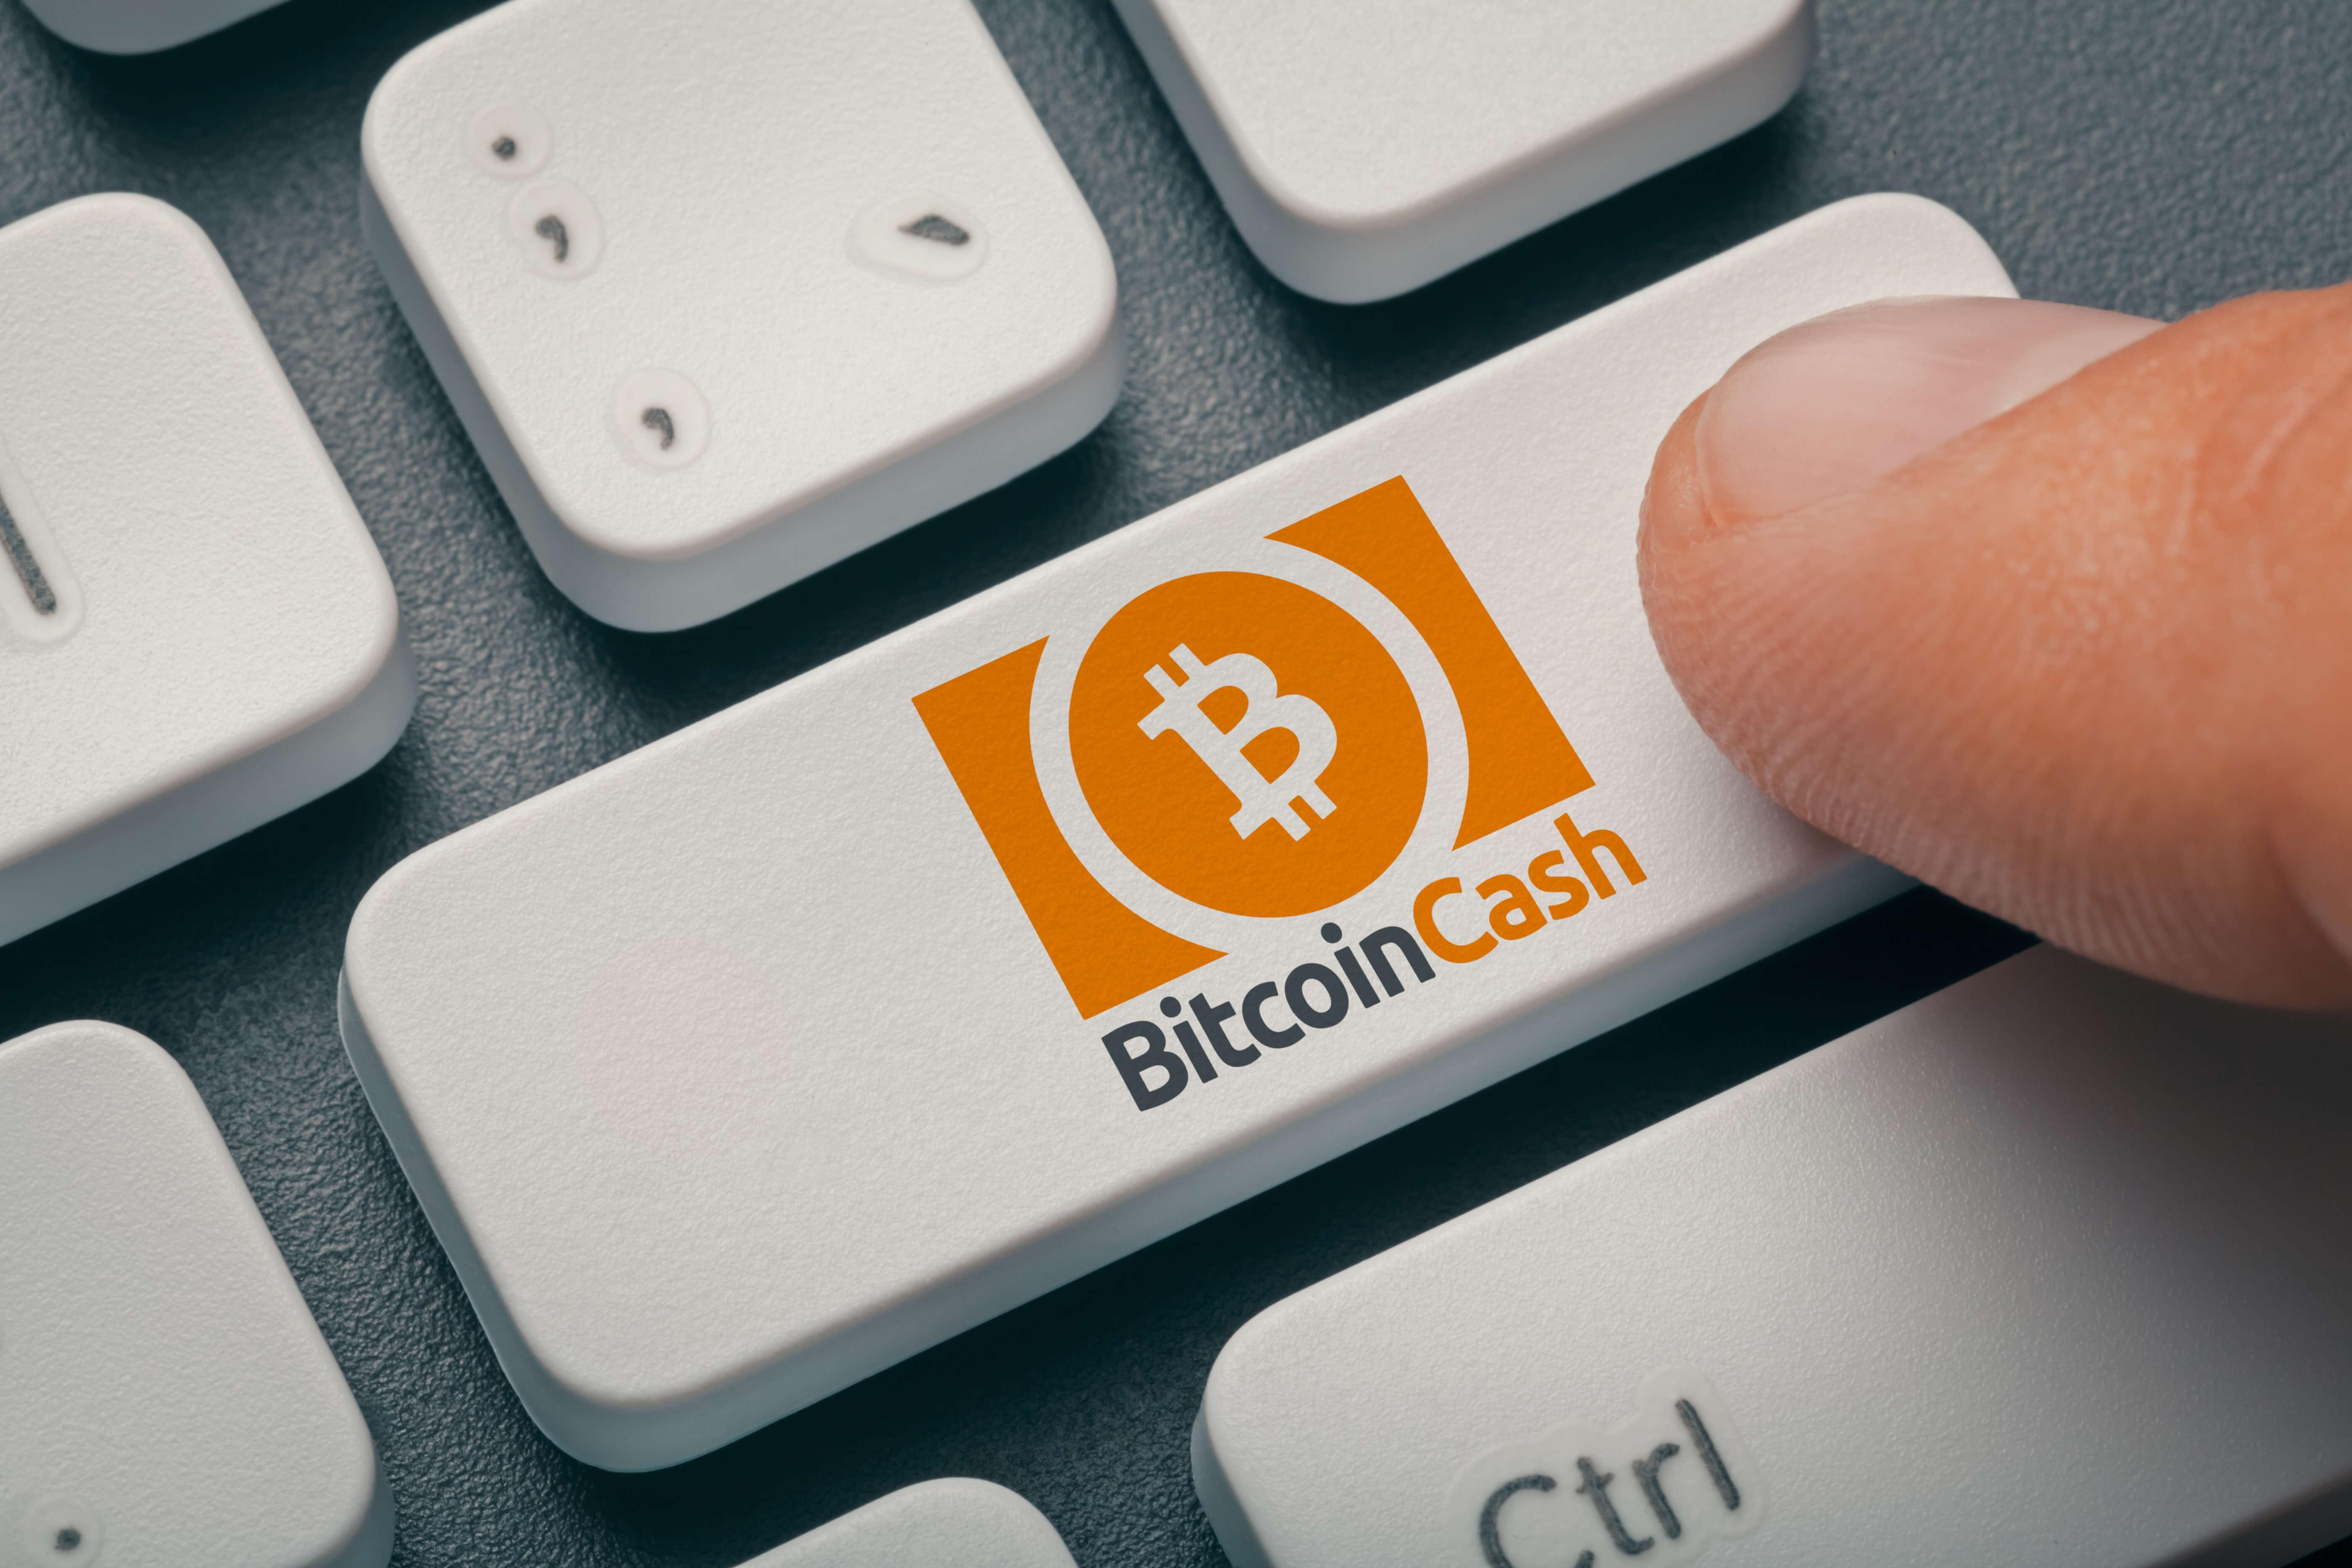 ビットコインキャッシュ(BitcoinCash/BCH)とは?特徴やビットコインとの違いを徹底解説